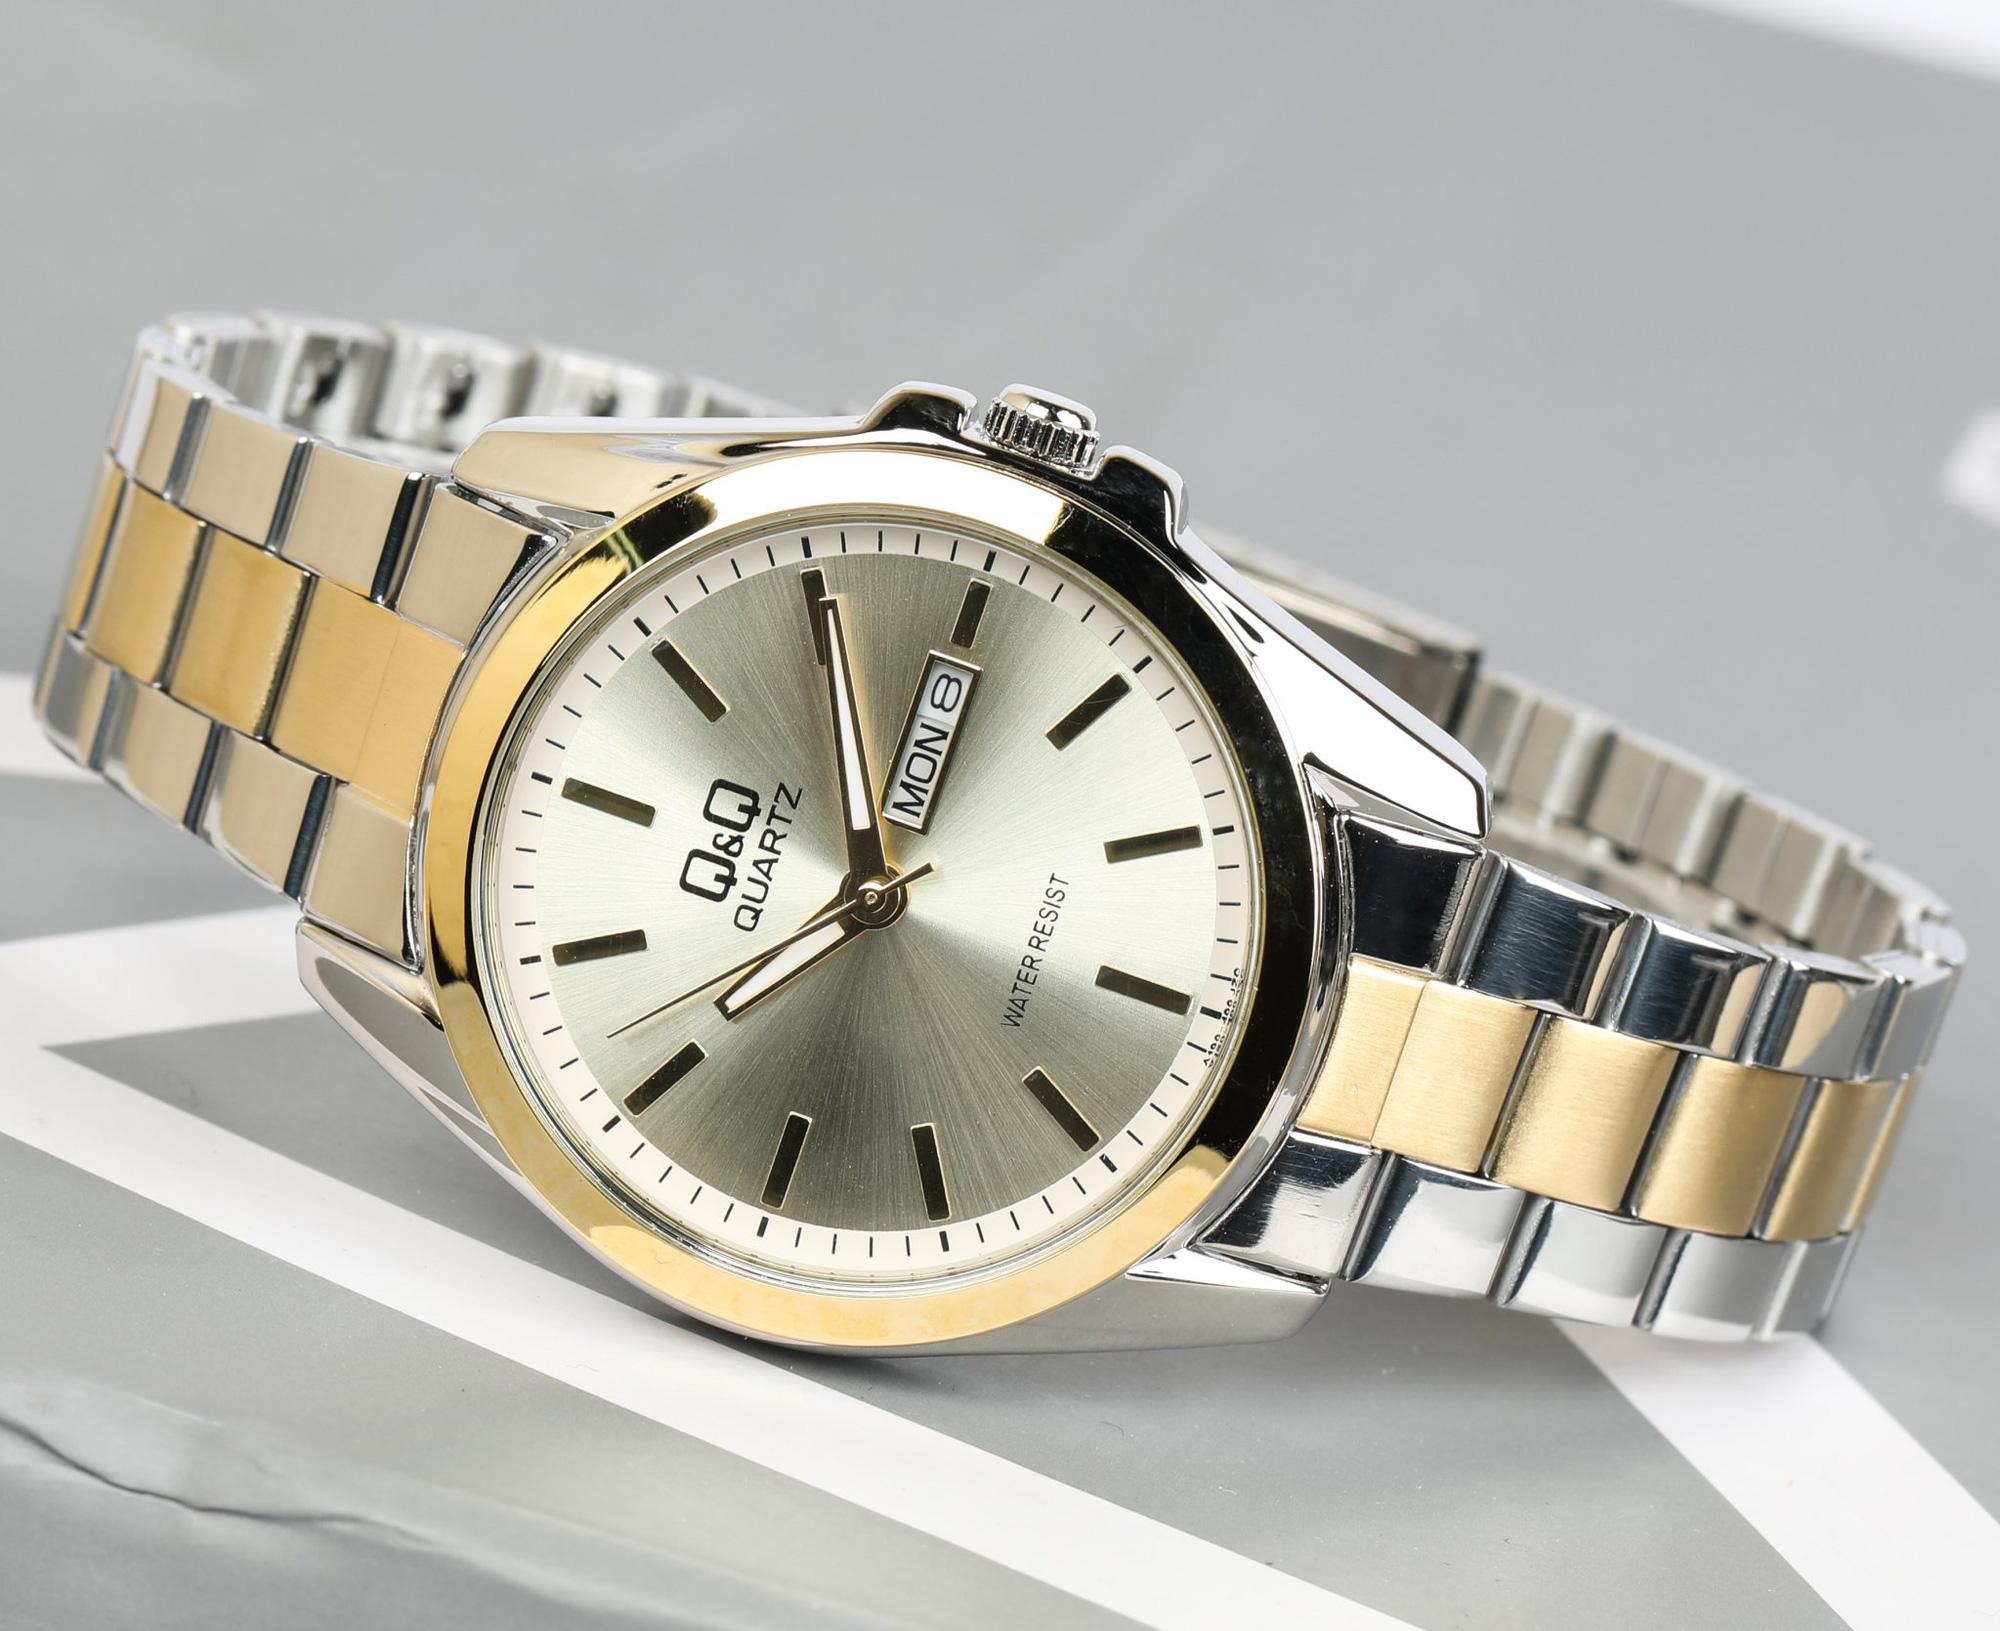 Khuyến mãi lớn chưa từng có mừng sinh nhật Đăng Quang Watch, giảm ngay 40% đồng hồ chính hãng - Ảnh 3.